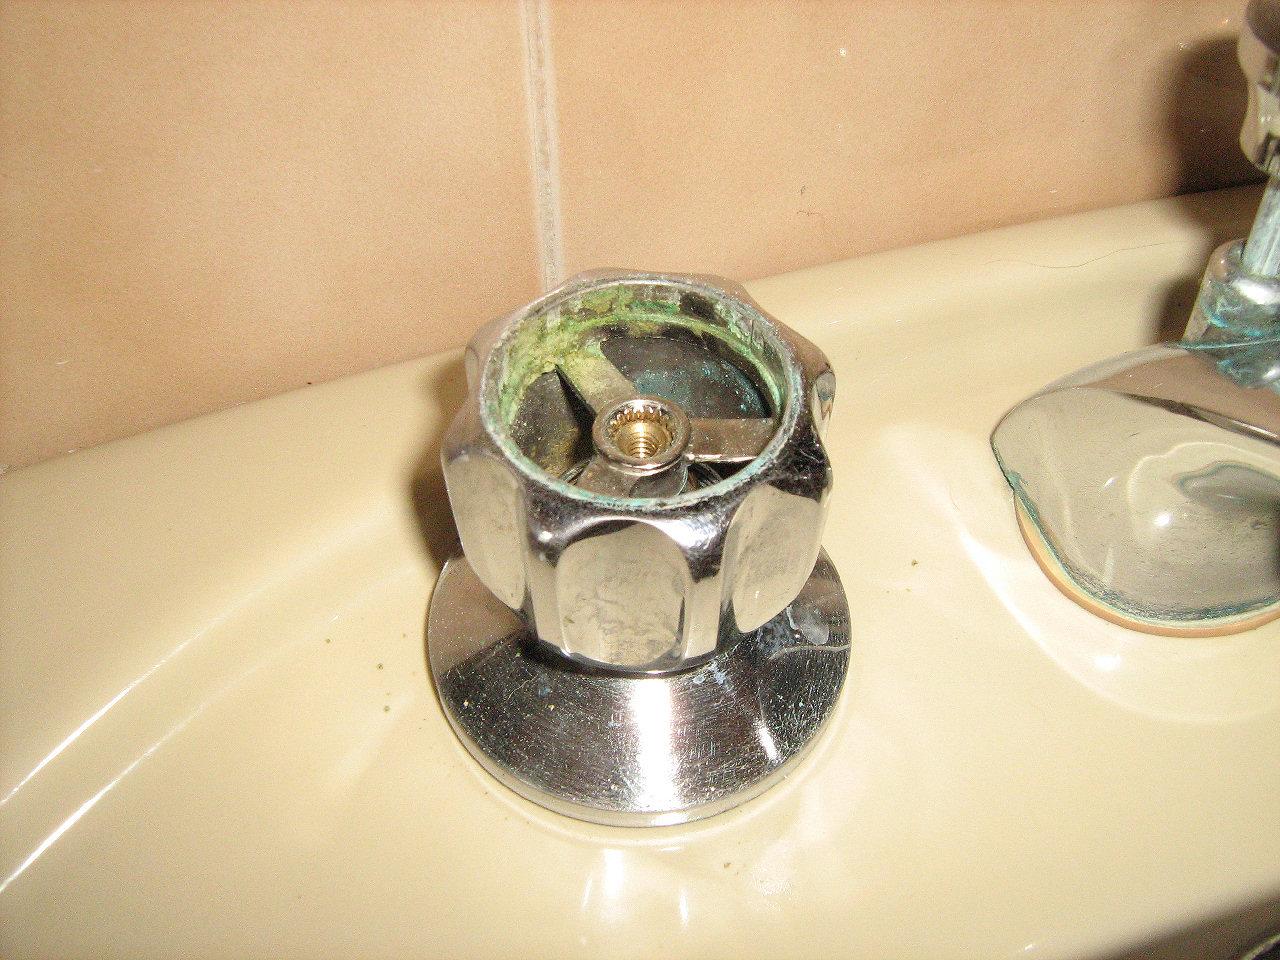 Riparare e sostituire la guarnizione ad rubinetto che cola - Rubinetti per il bagno ...